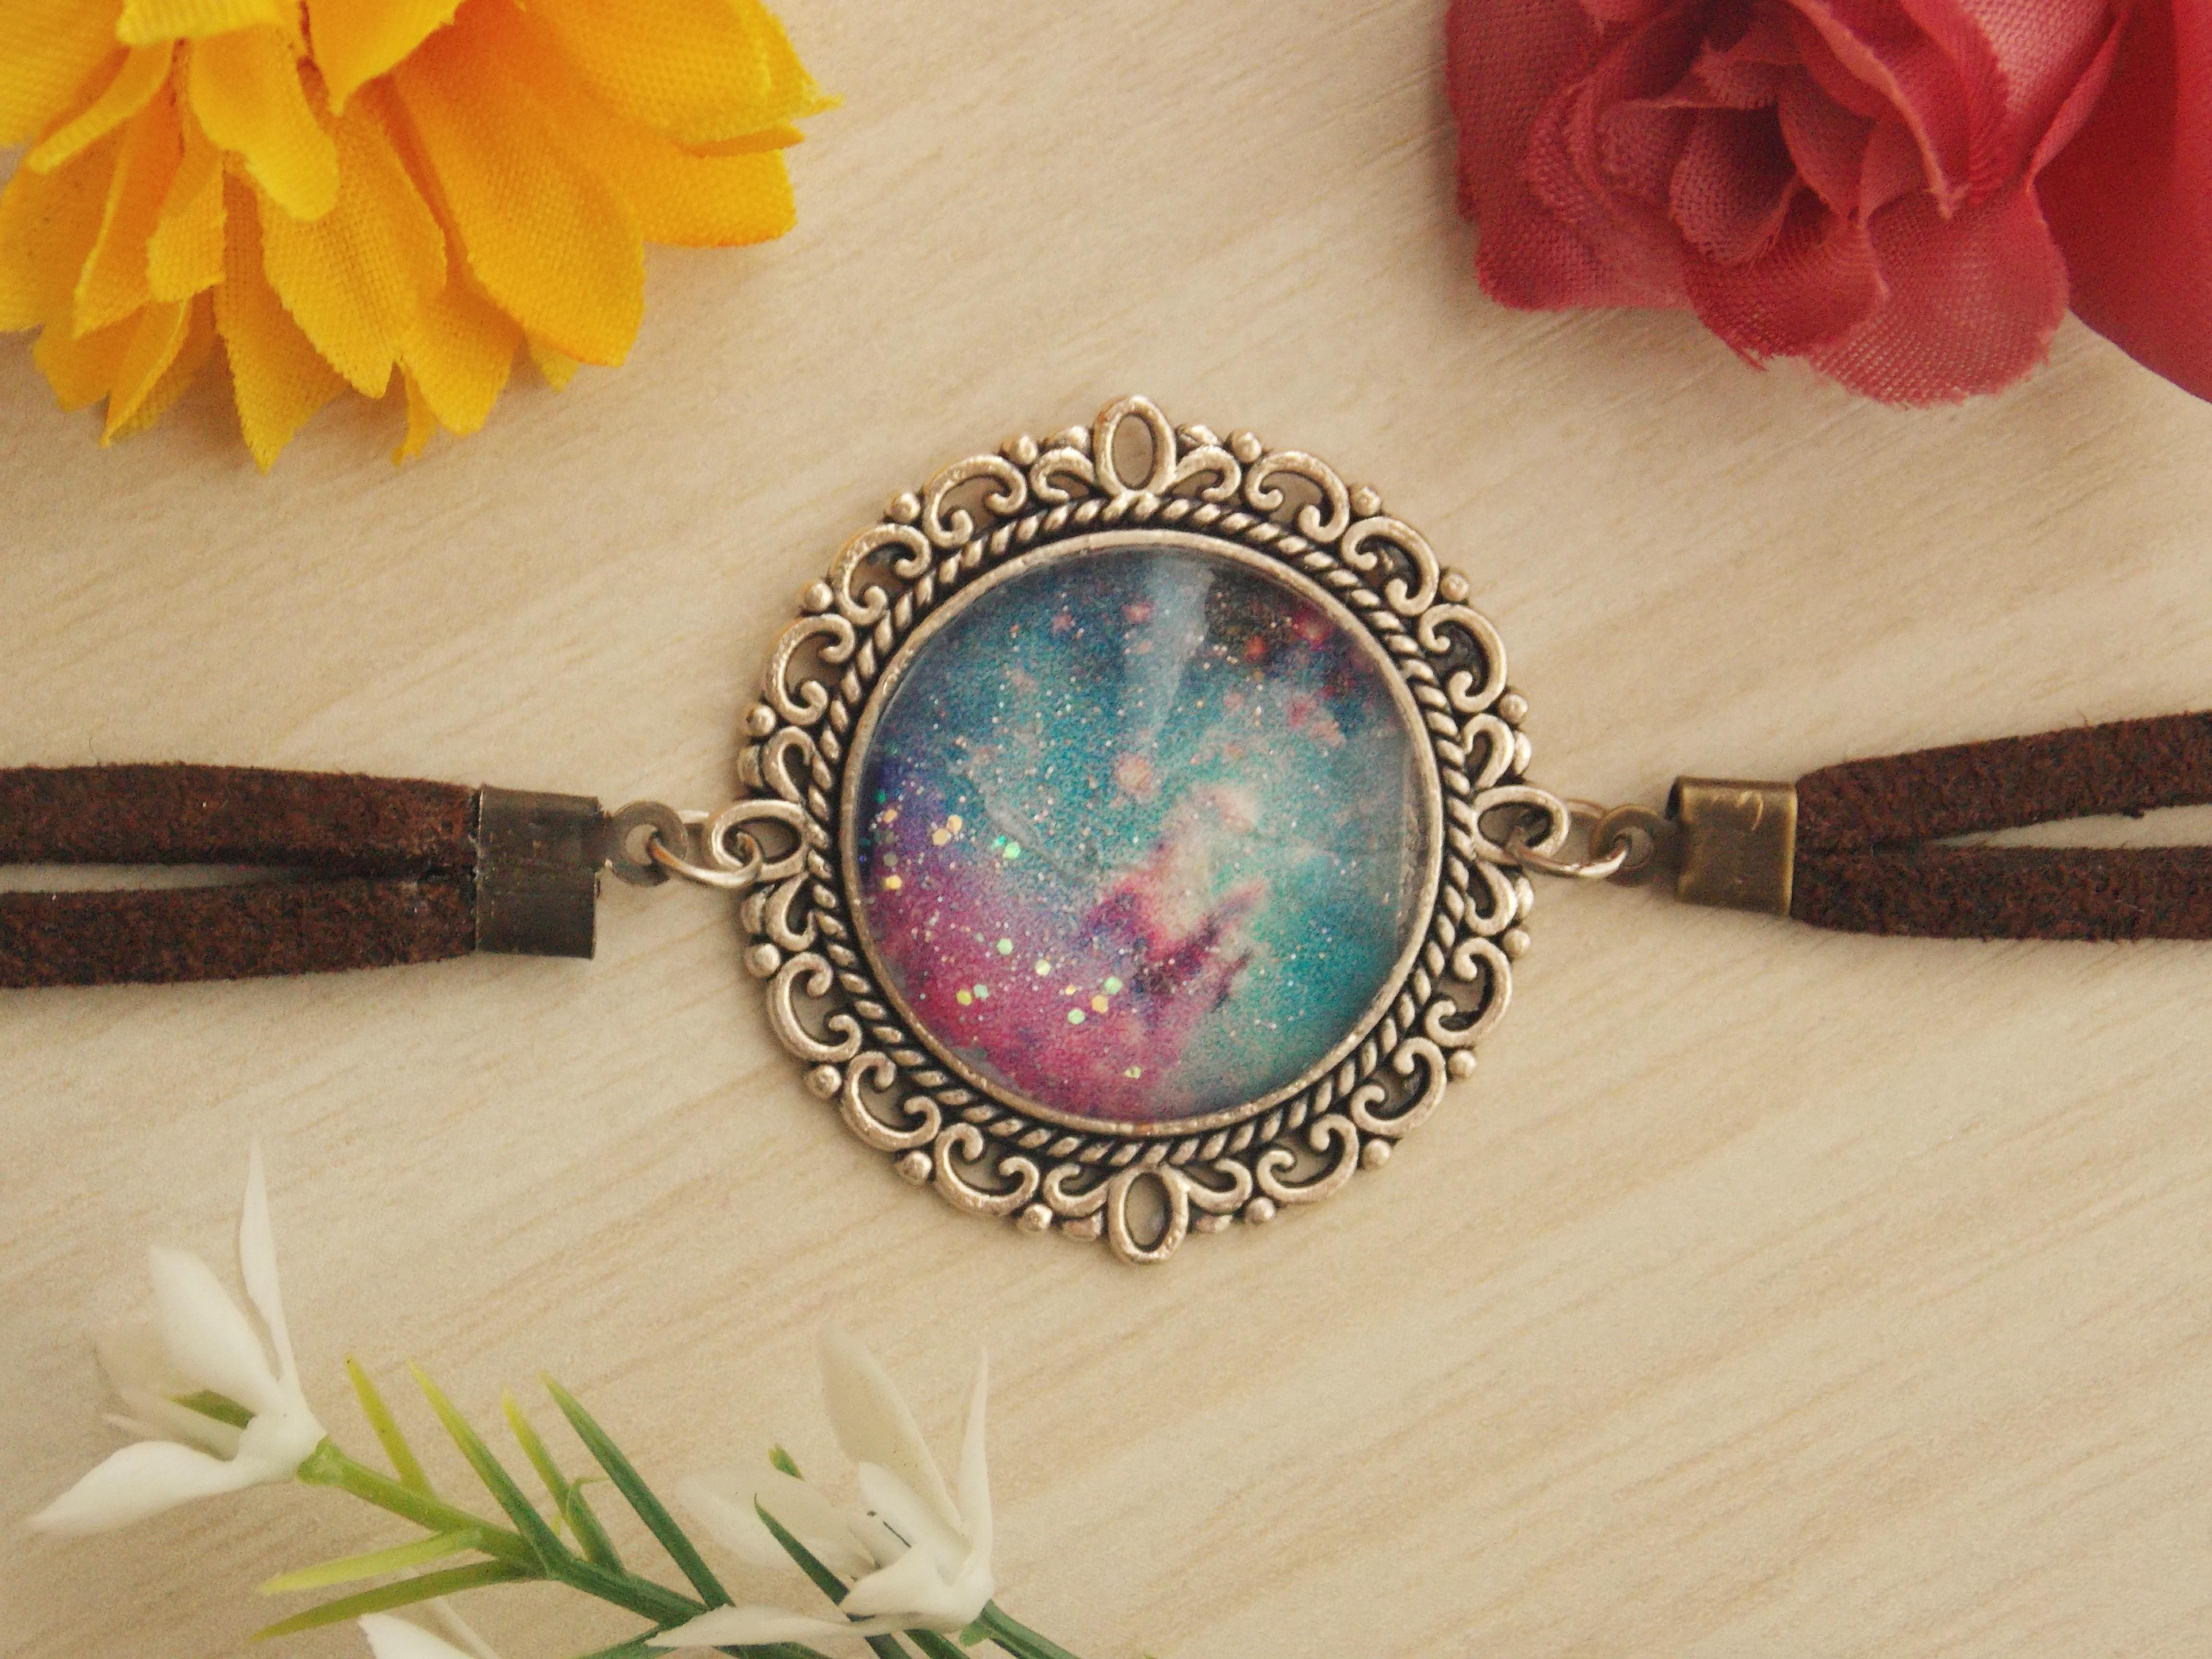 df1a0fe15e0 Pulseira de Nebulosa de Ômega no Elo7